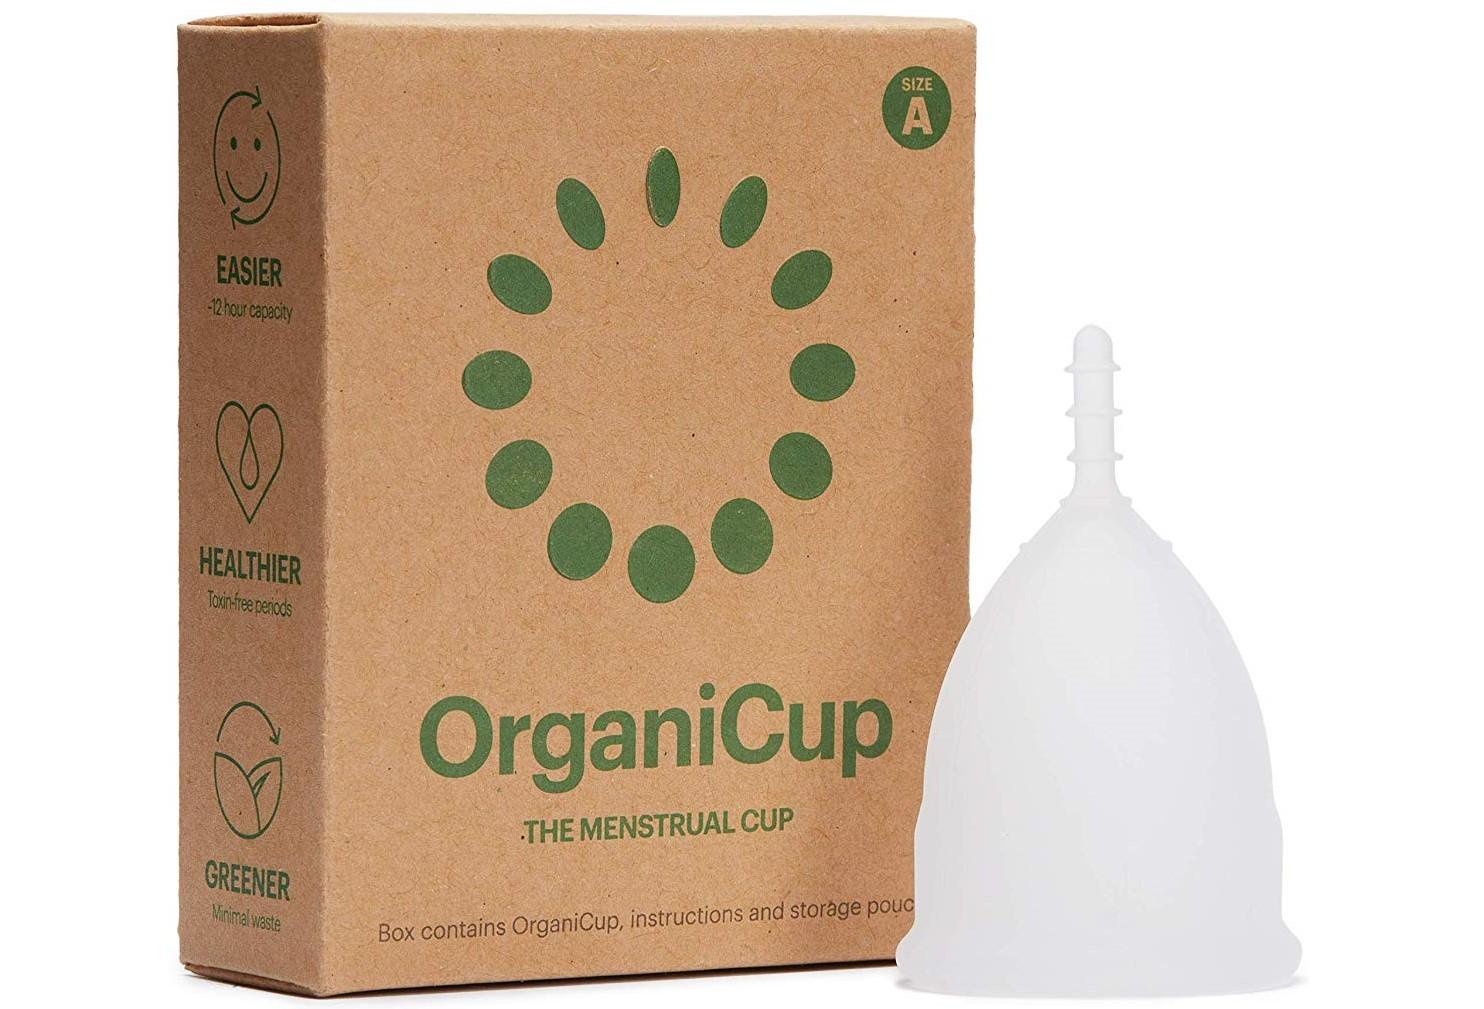 Copa menstrual Organicup | La copa menstrual ecológica más vendida y premiada